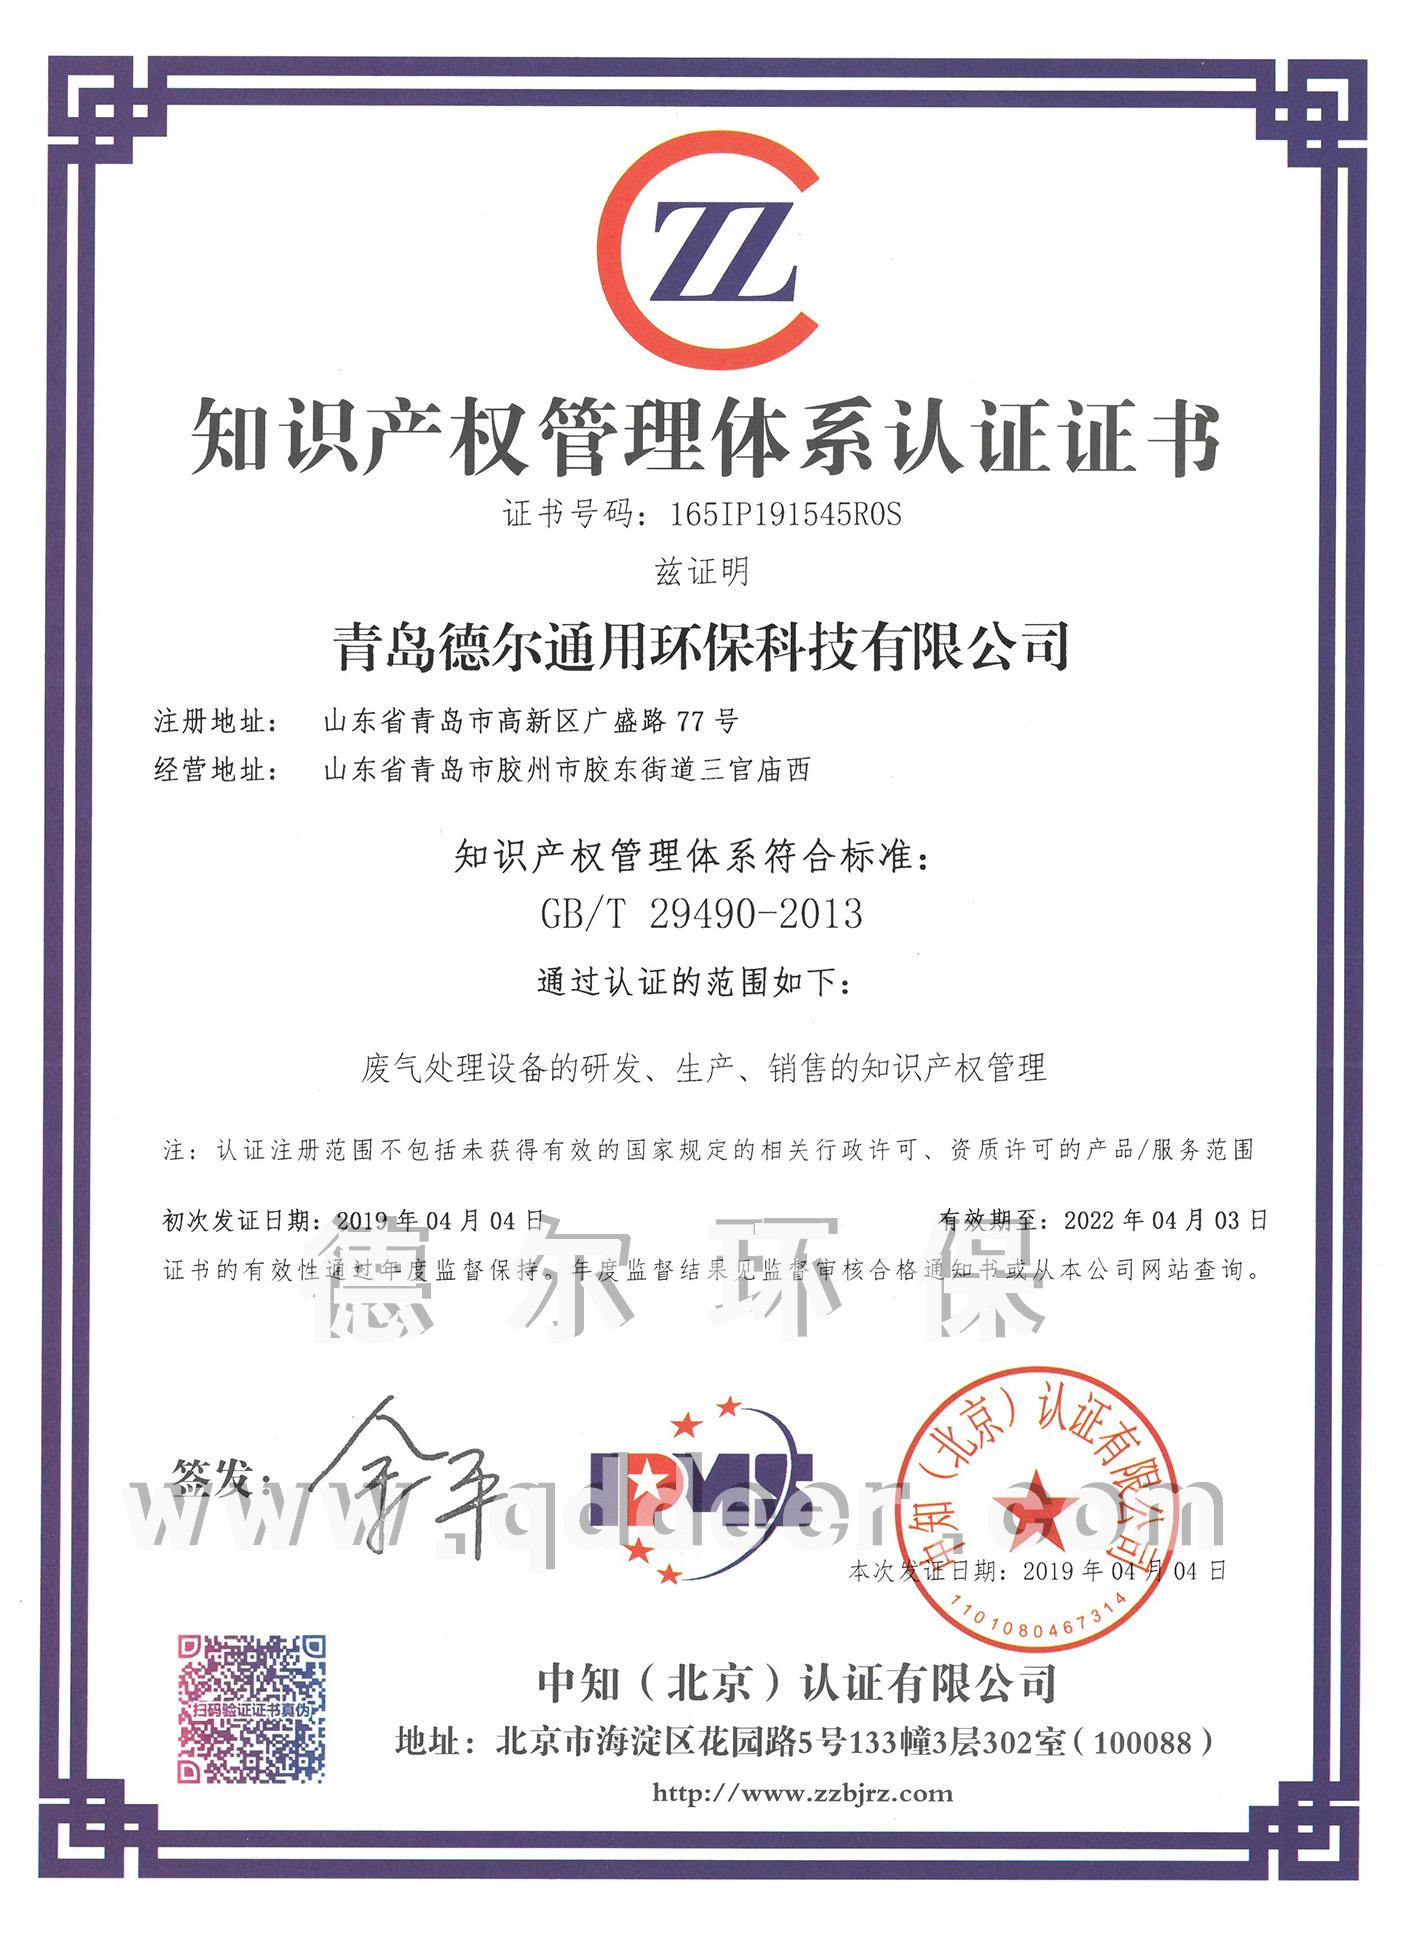 知识产权管理体系认证证书.jpg